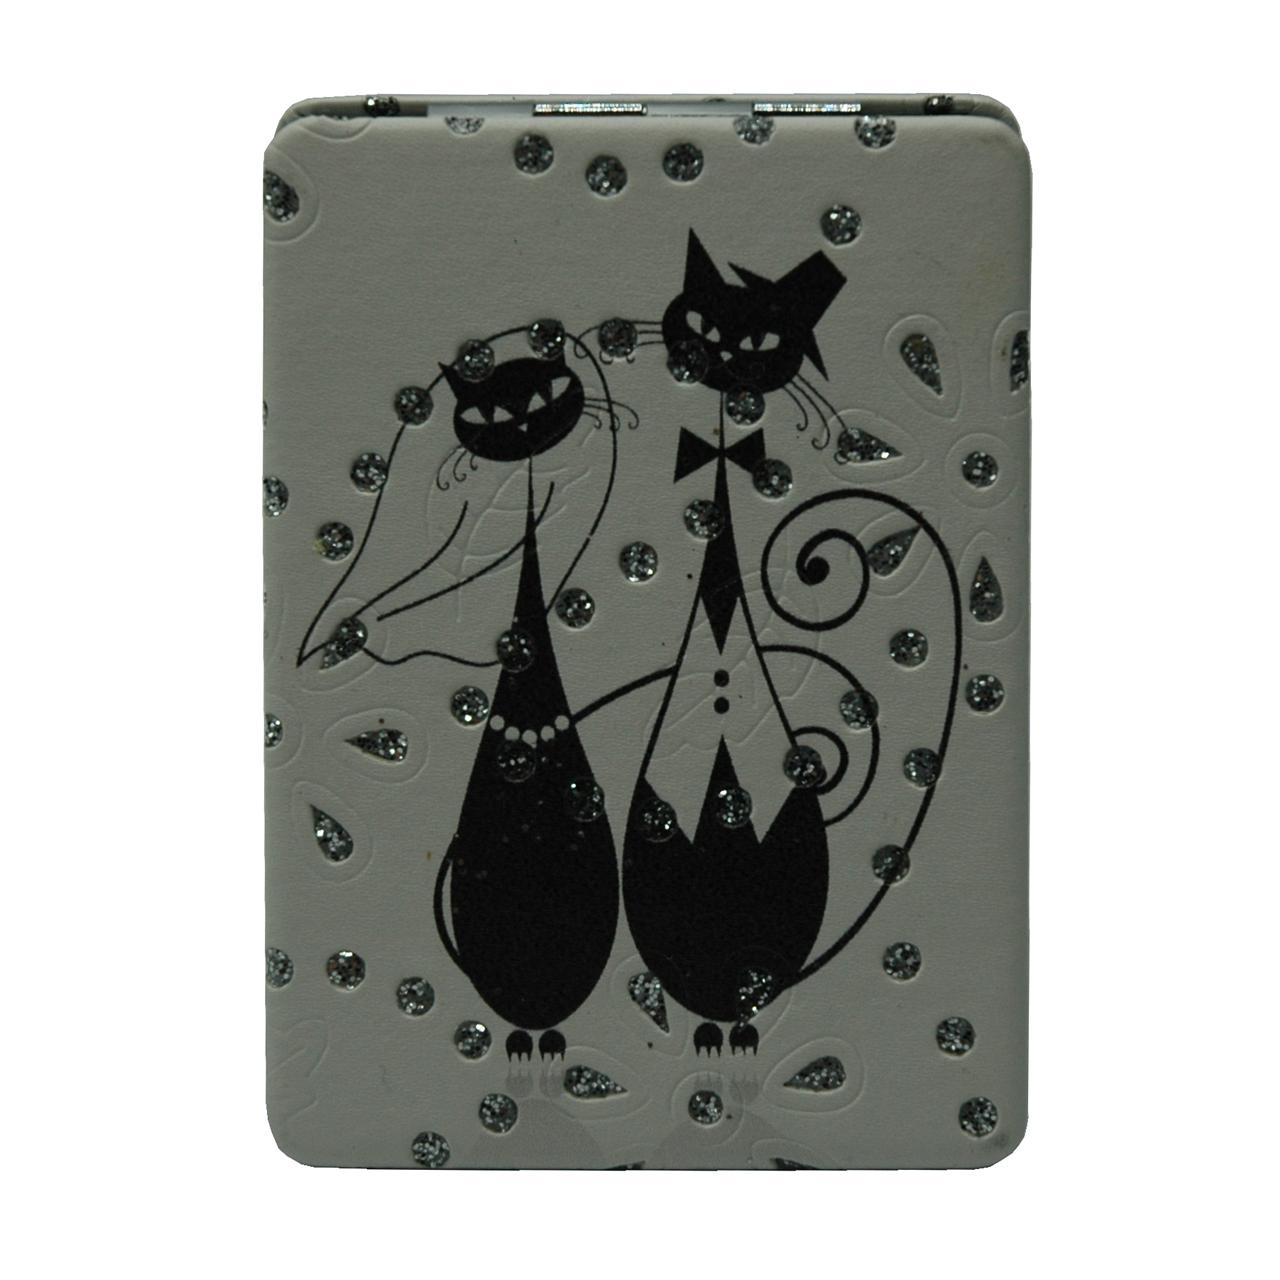 آینه جیبی طرح گربه مدل 8-233941